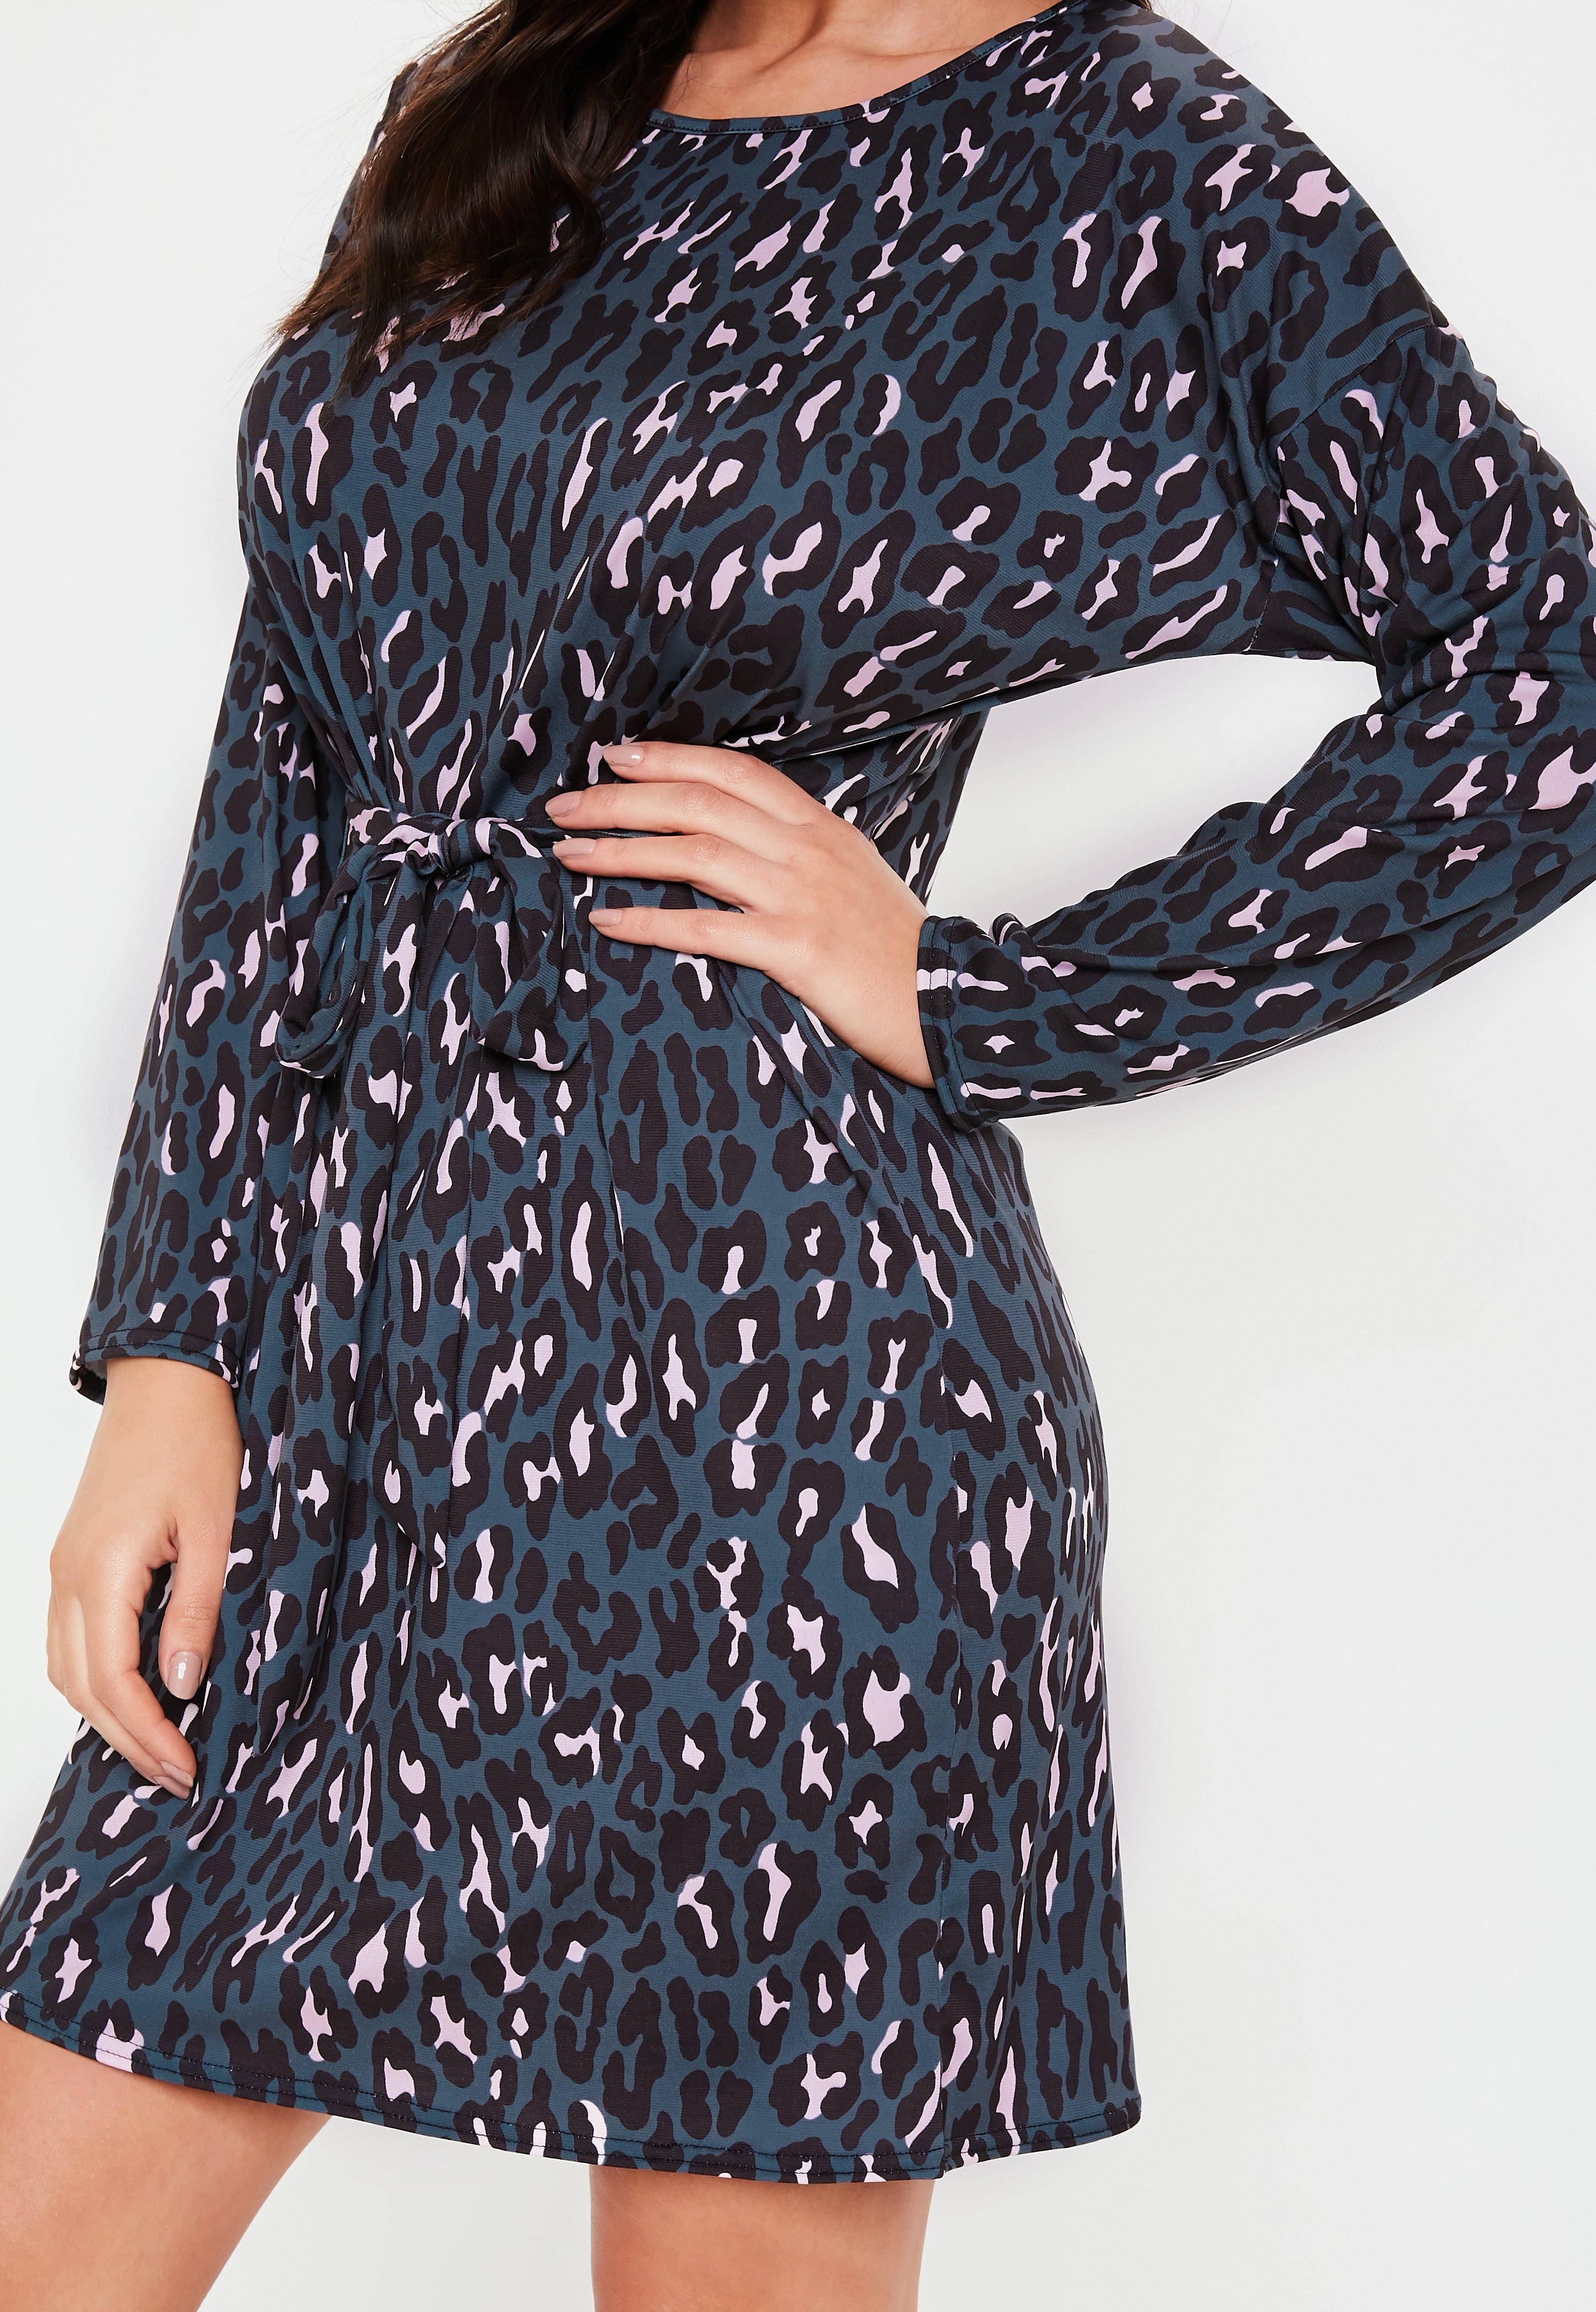 27d7b3fb07f Missguided Grey Leopard Print Tie Waist T Shirt Dress in Gray - Lyst